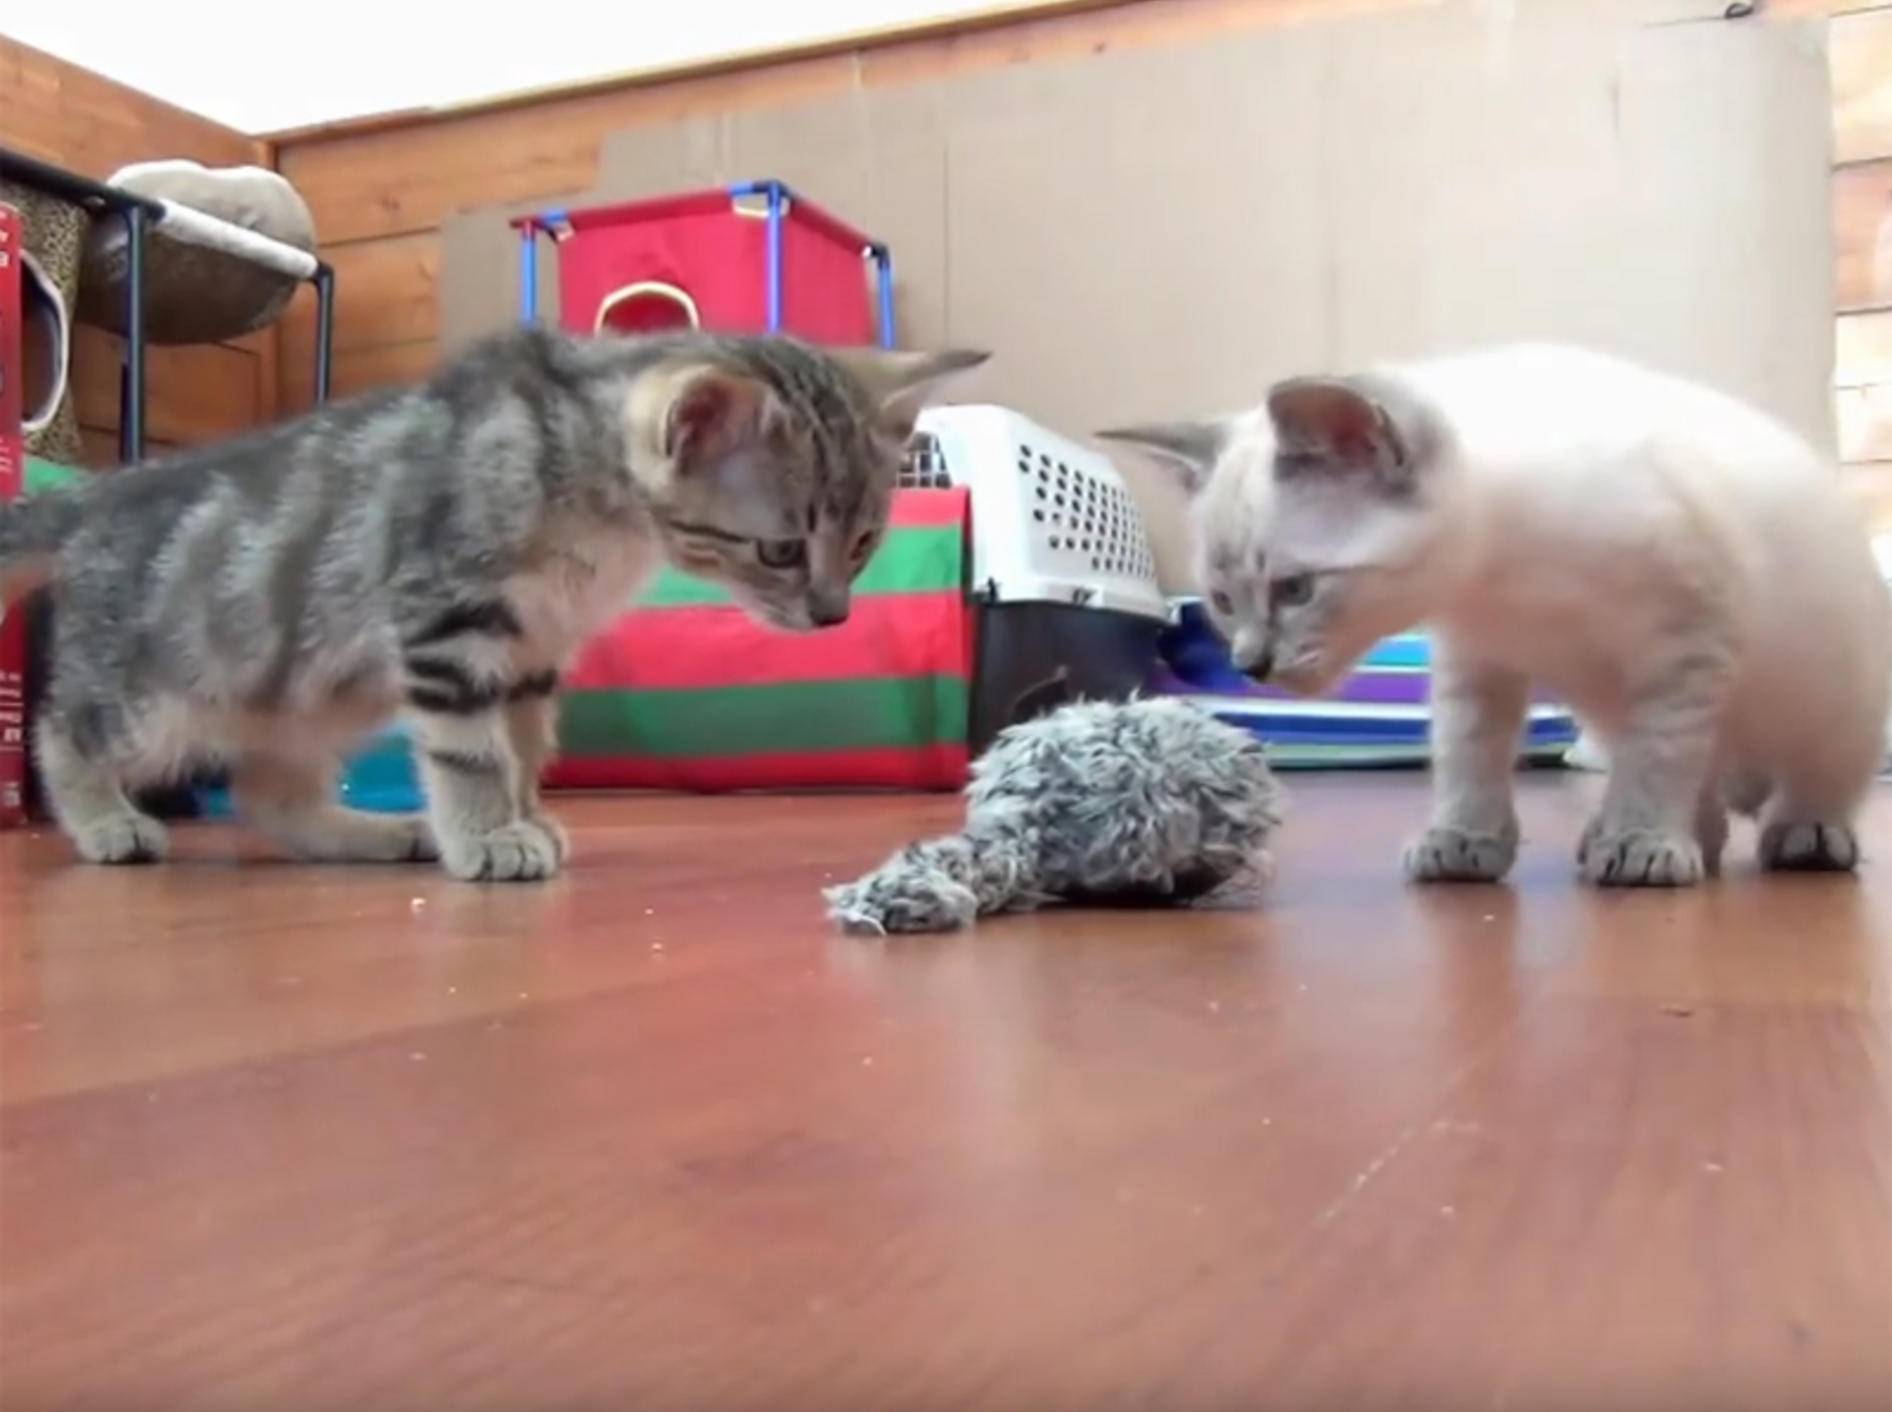 Zuckersüße Kätzchen spielen mit Aufziehmaus – YouTube / The Kits Cats